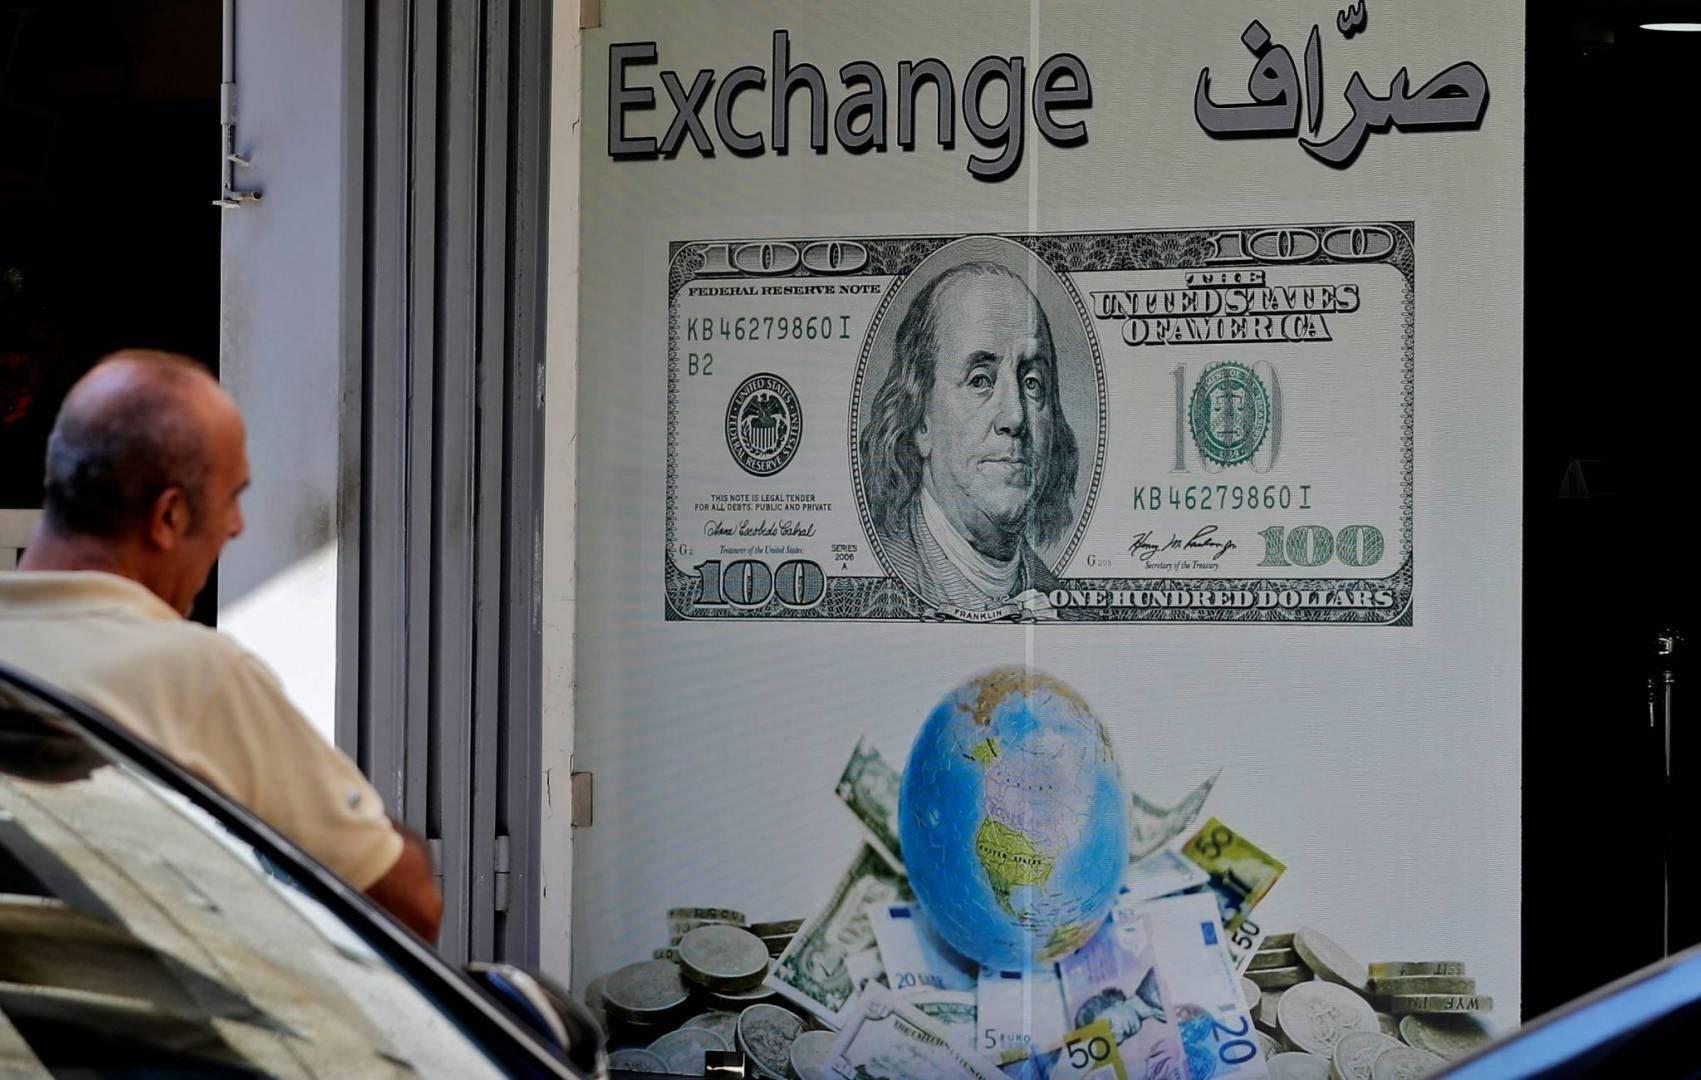 مصرف لبنان يحظر على متعاملي الصرف الأجنبي شراء العملات بسعر يزيد أكثر من 30%